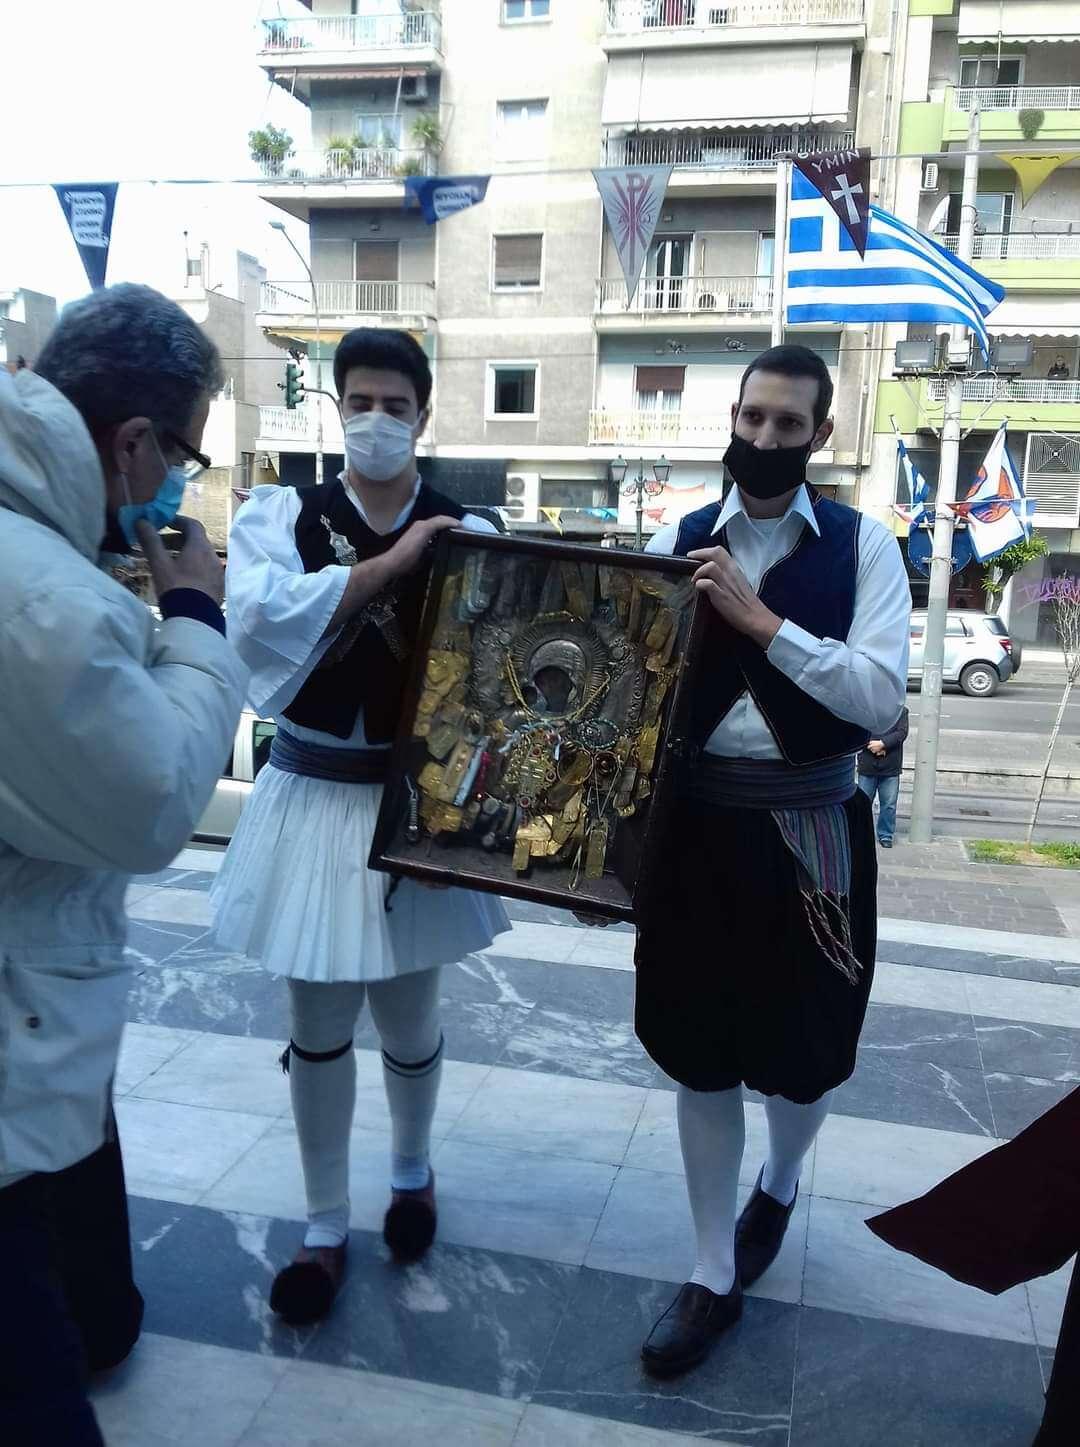 Πειραιάς: Στον Ιερό Ναό Ευαγγελίστριας η εικόνα της Παναγίας